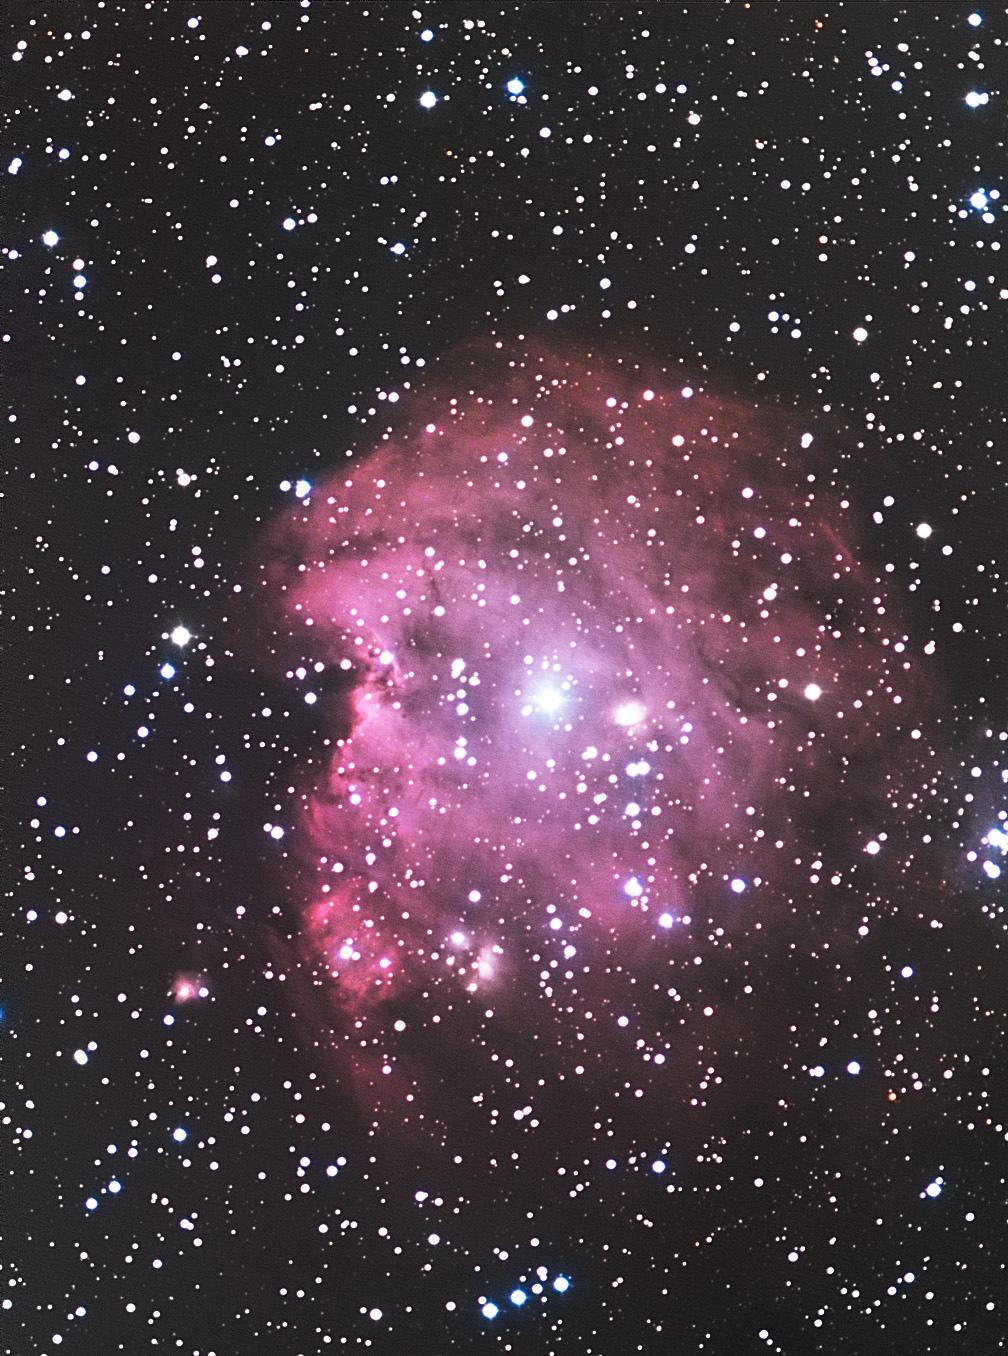 NGC2174_LRVB_V1.jpg